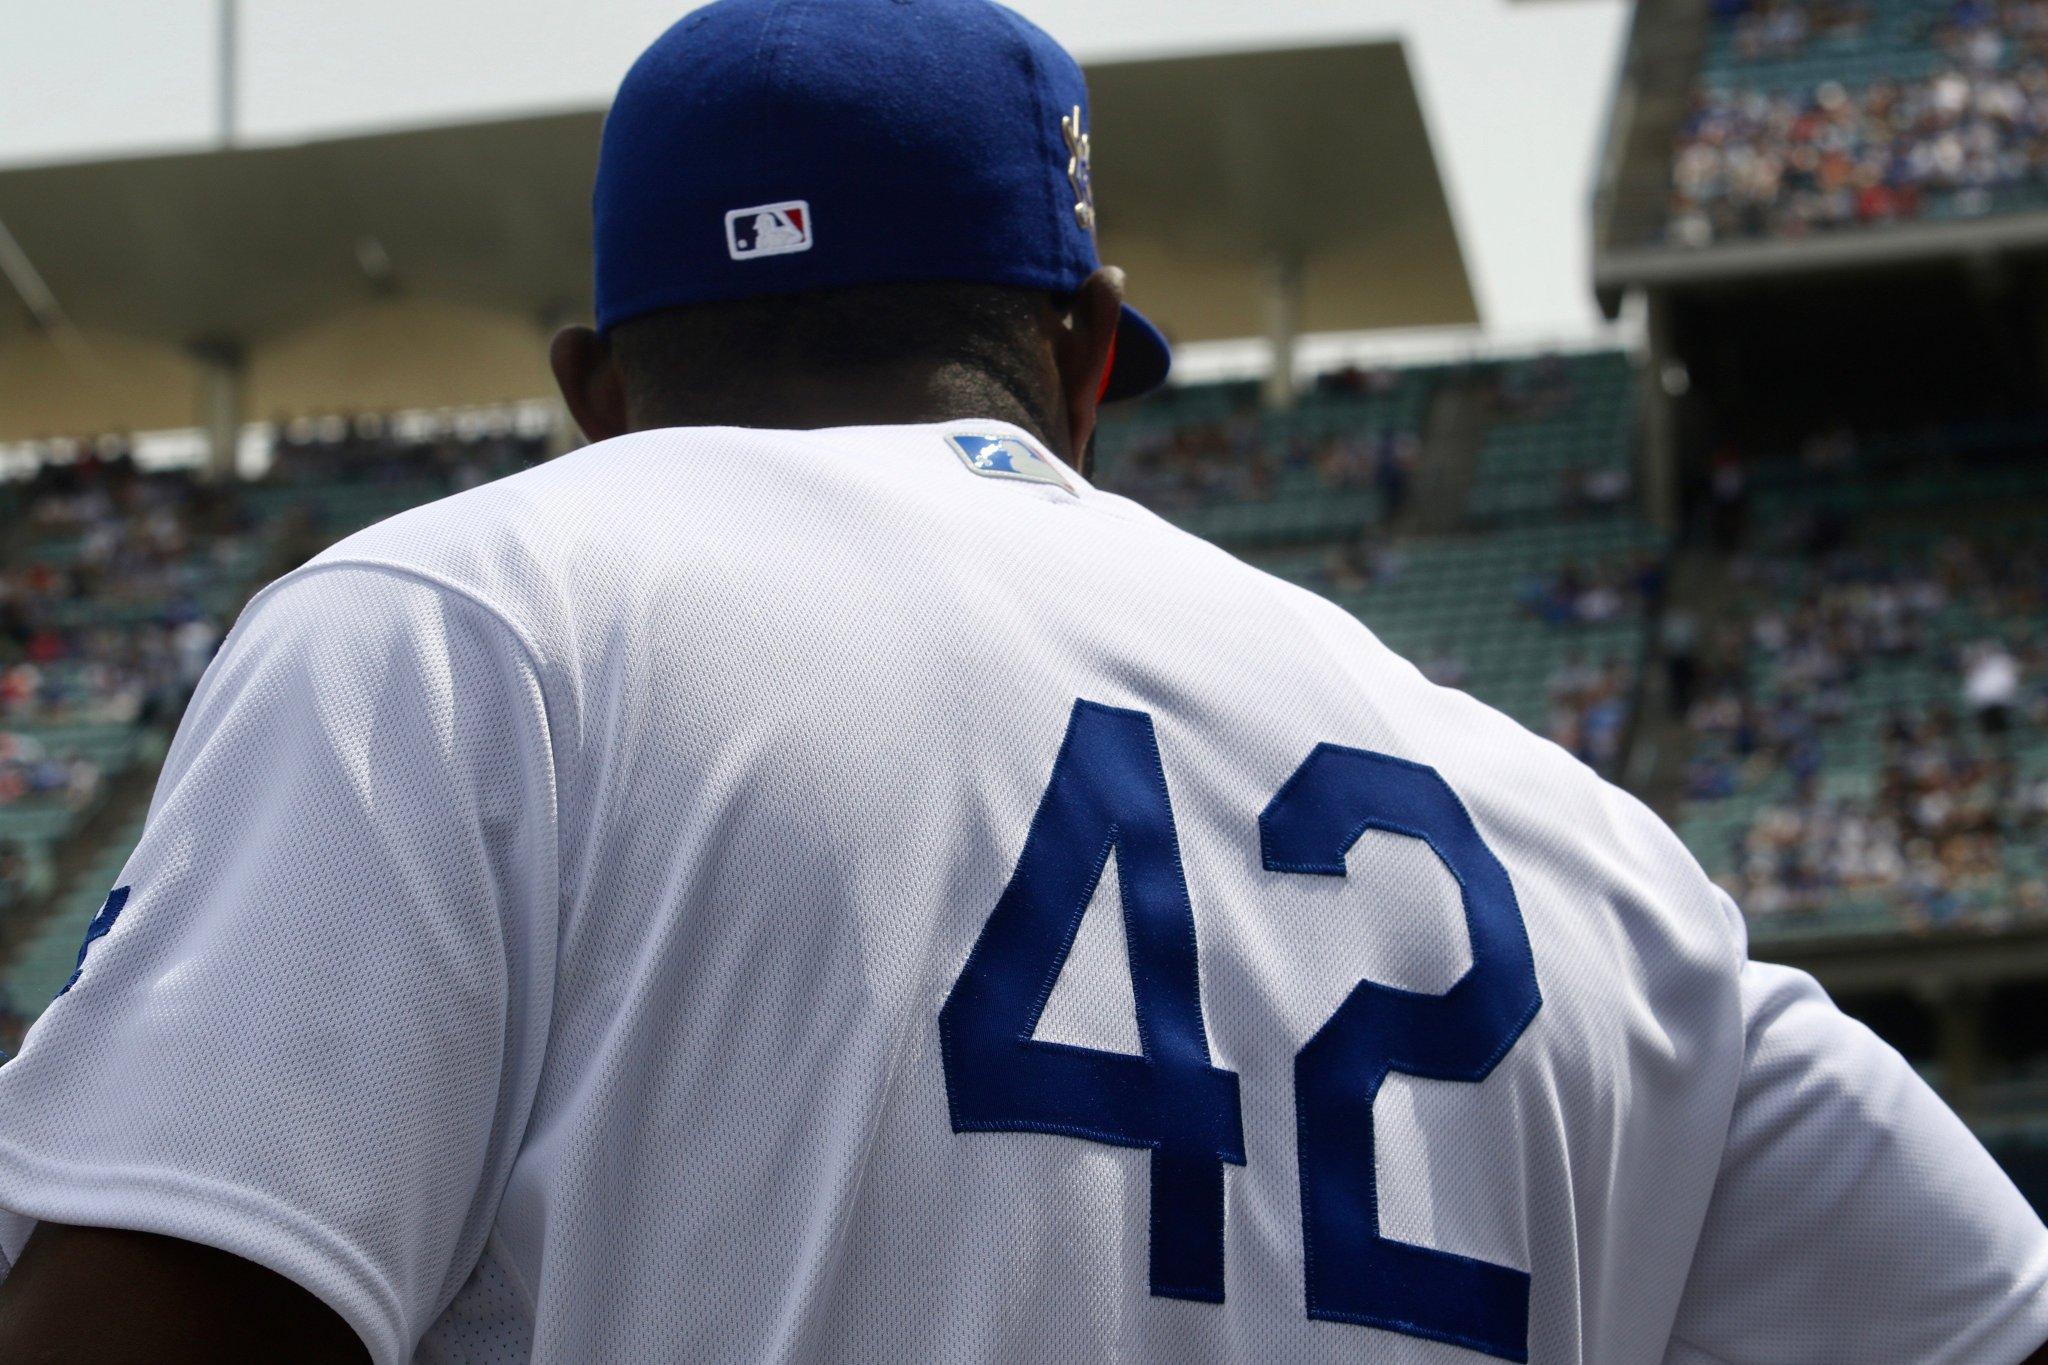 No. 42 looks so good in Dodger blue.     #Jackie42 https://t.co/FlHKvFgkrT